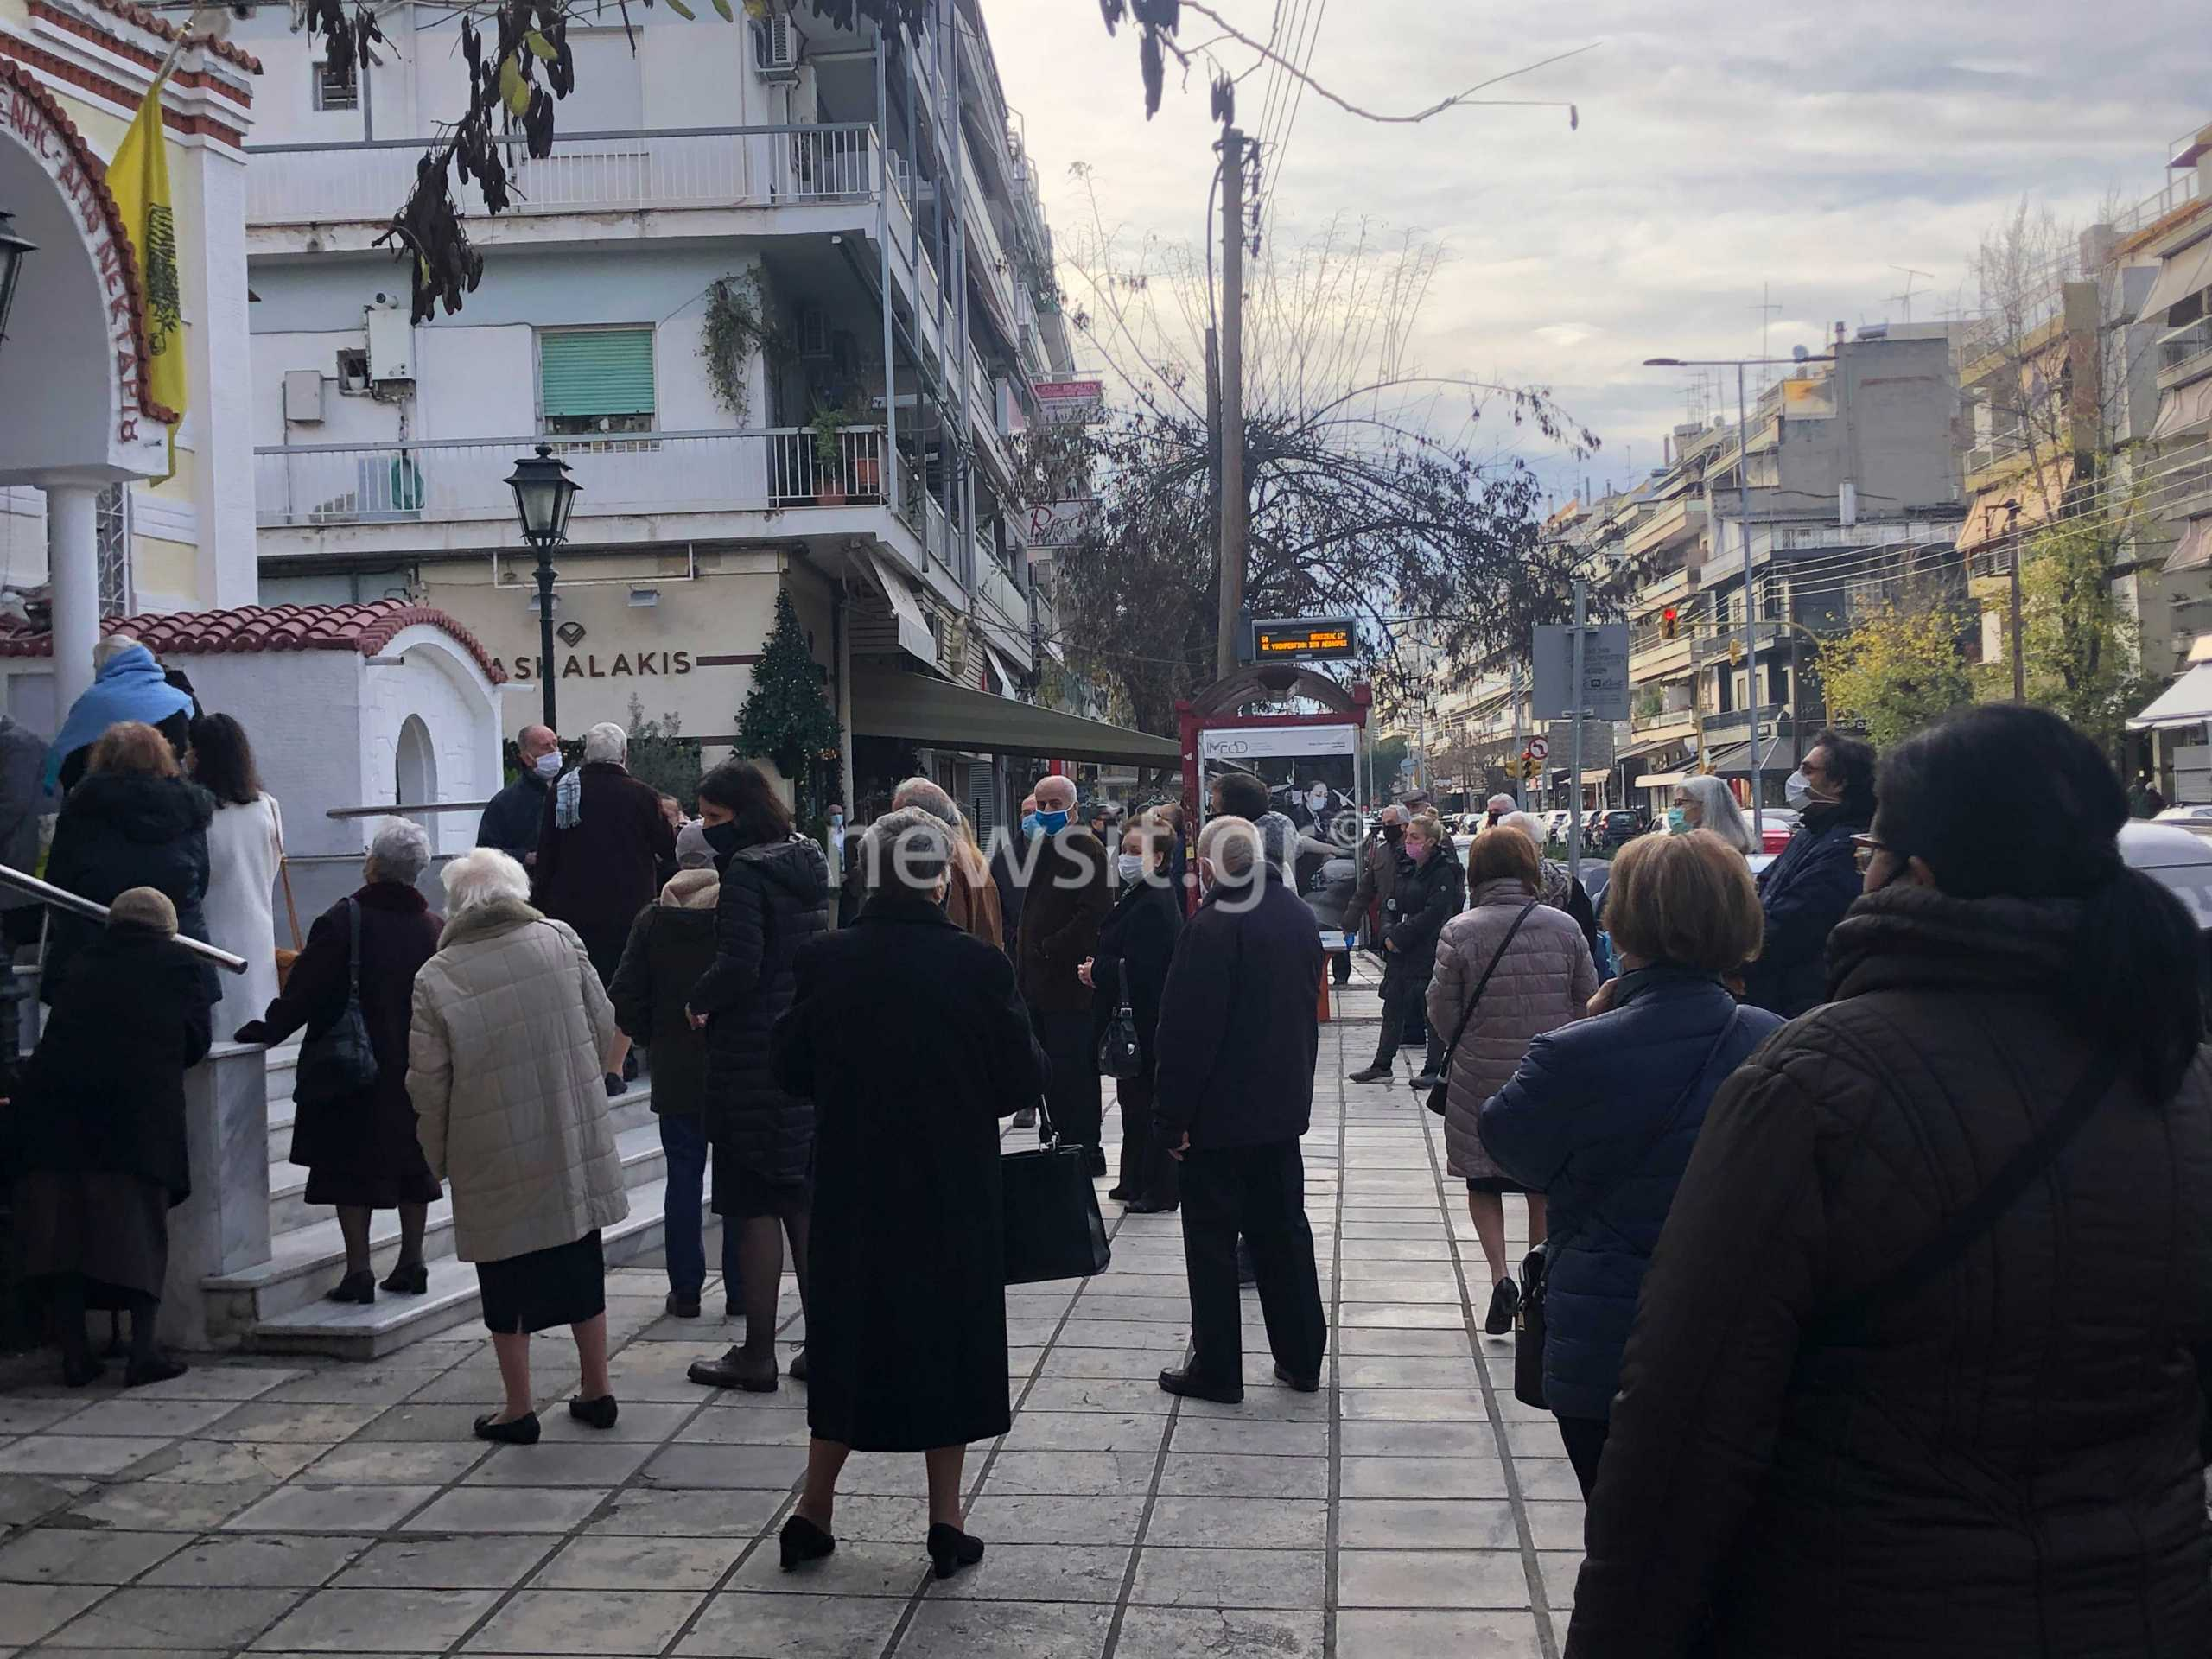 Θεσσαλονίκη – Θεοφάνεια: Ατελείωτες ουρές στον Άγιο Νεκτάριο – H στάση των αστυνομικών  (pics, video)